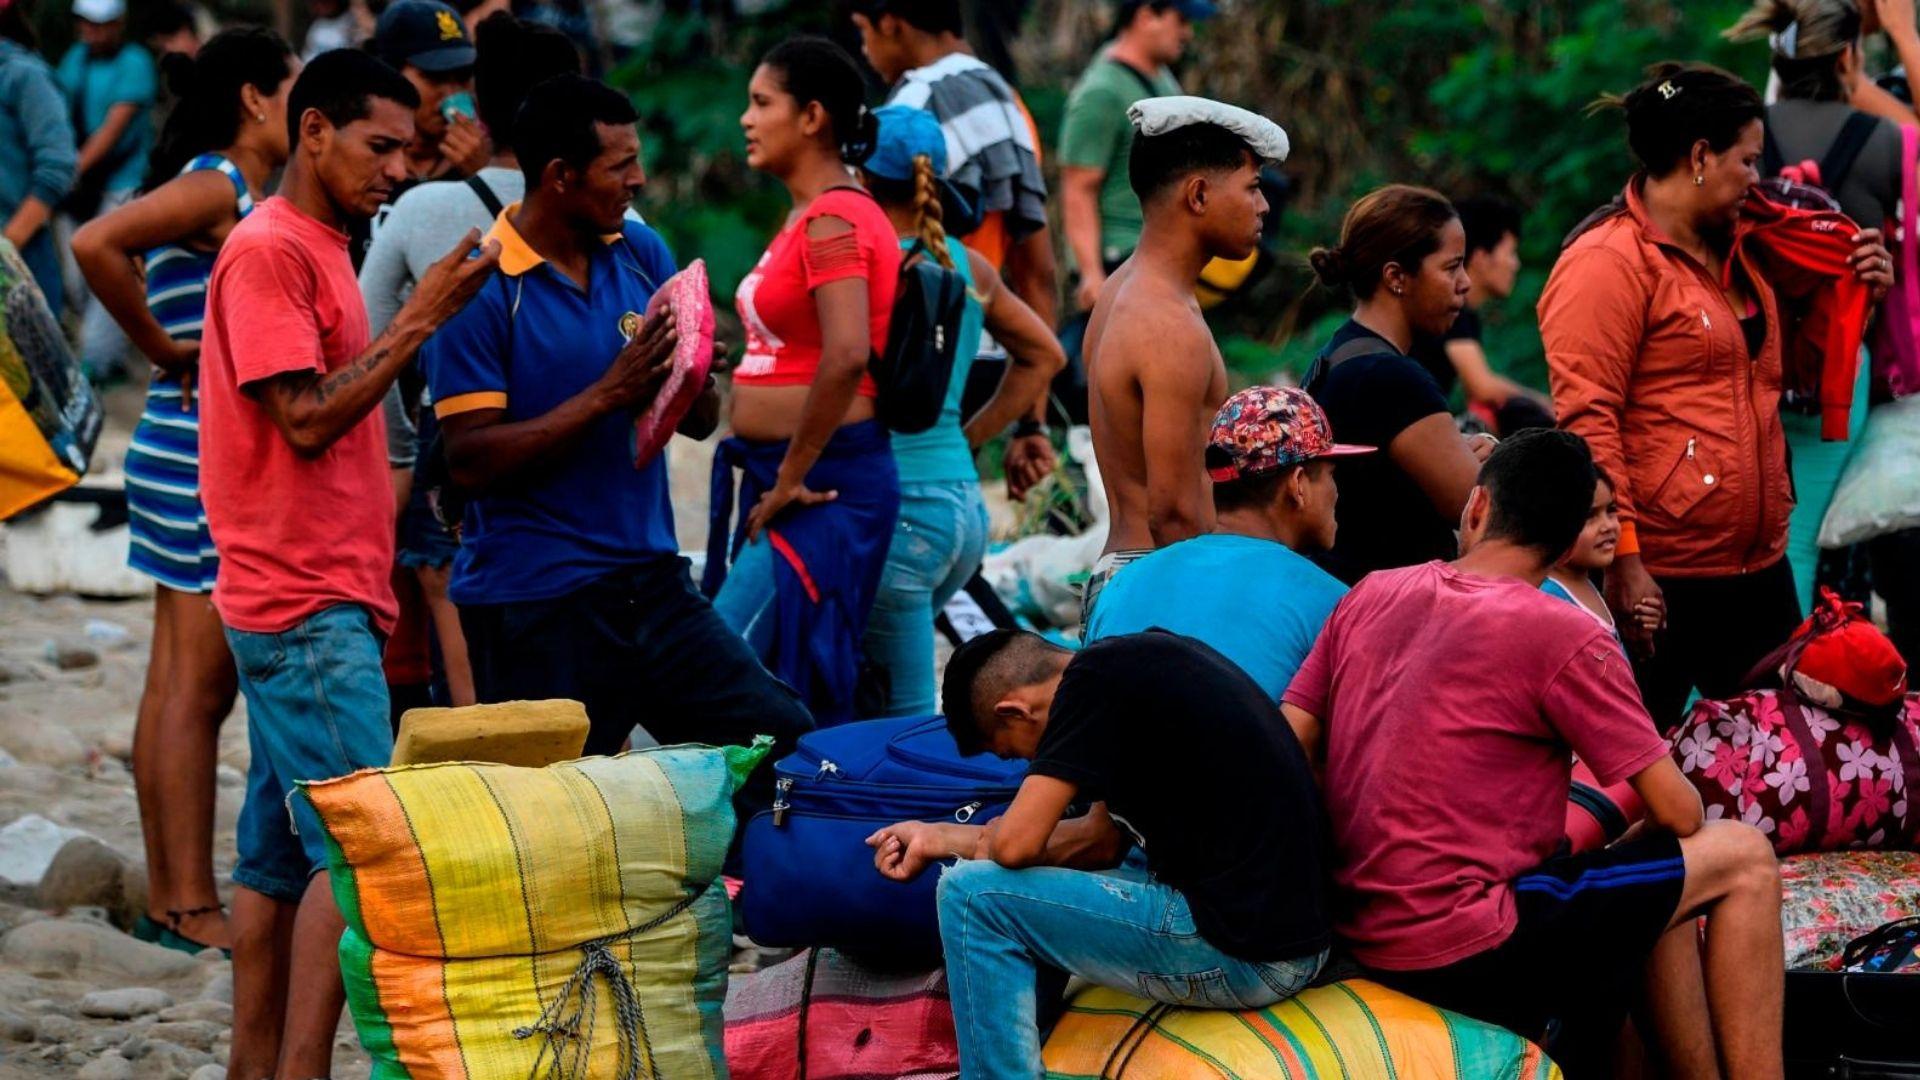 Denuncian que Trinidad y Tobago deportó a 16 menores venezolanos